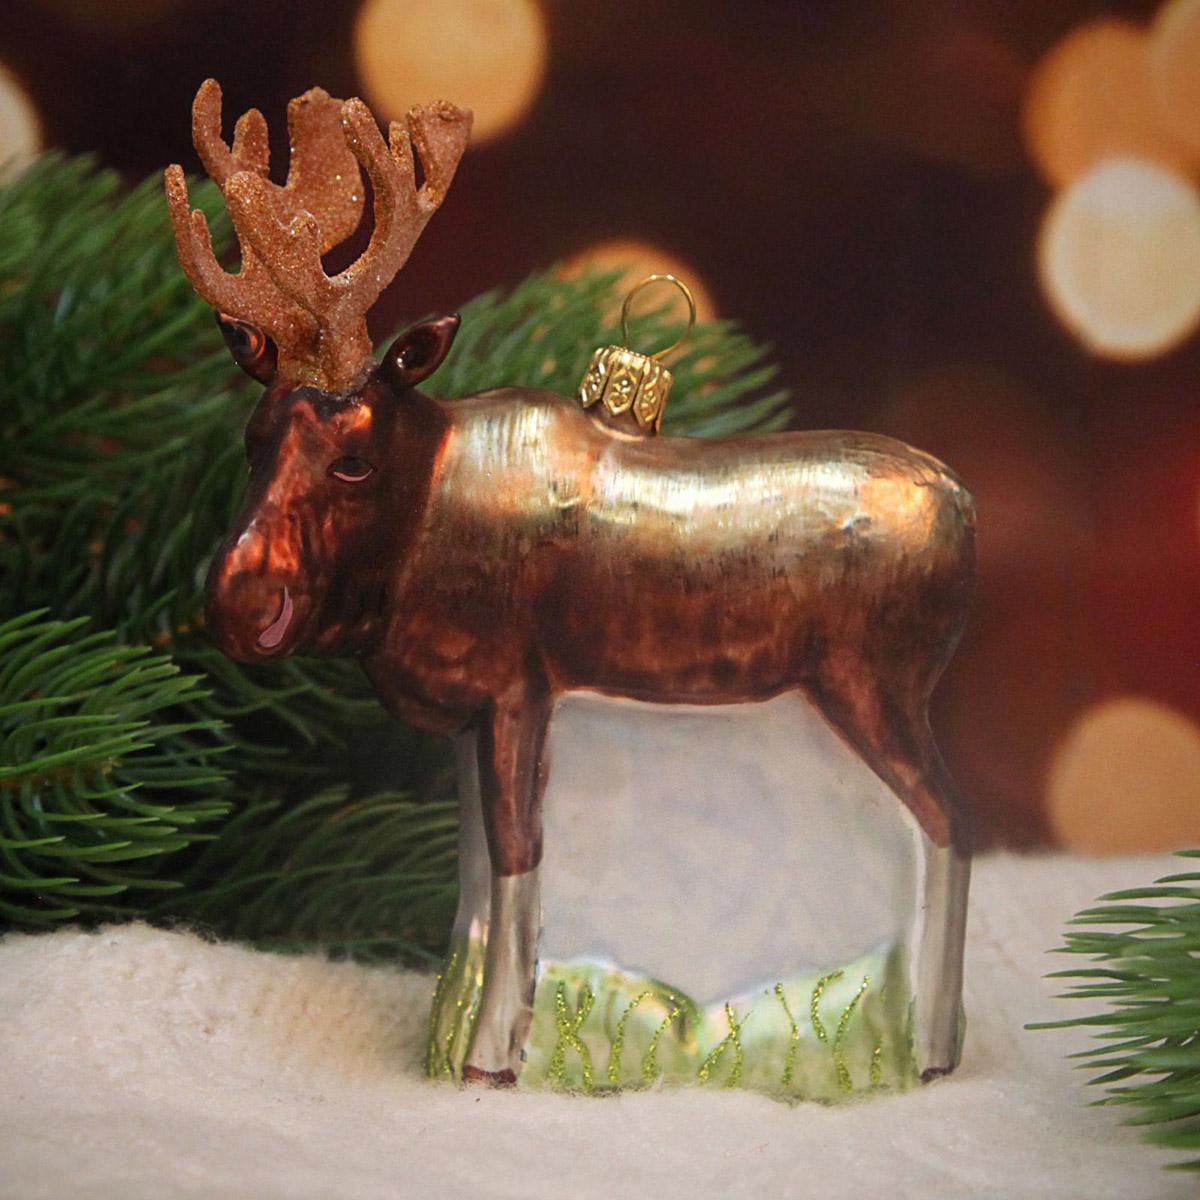 Украшение новогоднее елочное Hanco Design Лось, высота 12 см106354Невозможно представить нашу жизнь без праздников! Мы всегда ждём их и предвкушаем, обдумываем, как проведём памятный день, тщательно выбираем подарки и аксессуары, ведь именно они создают и поддерживают торжественный настрой.